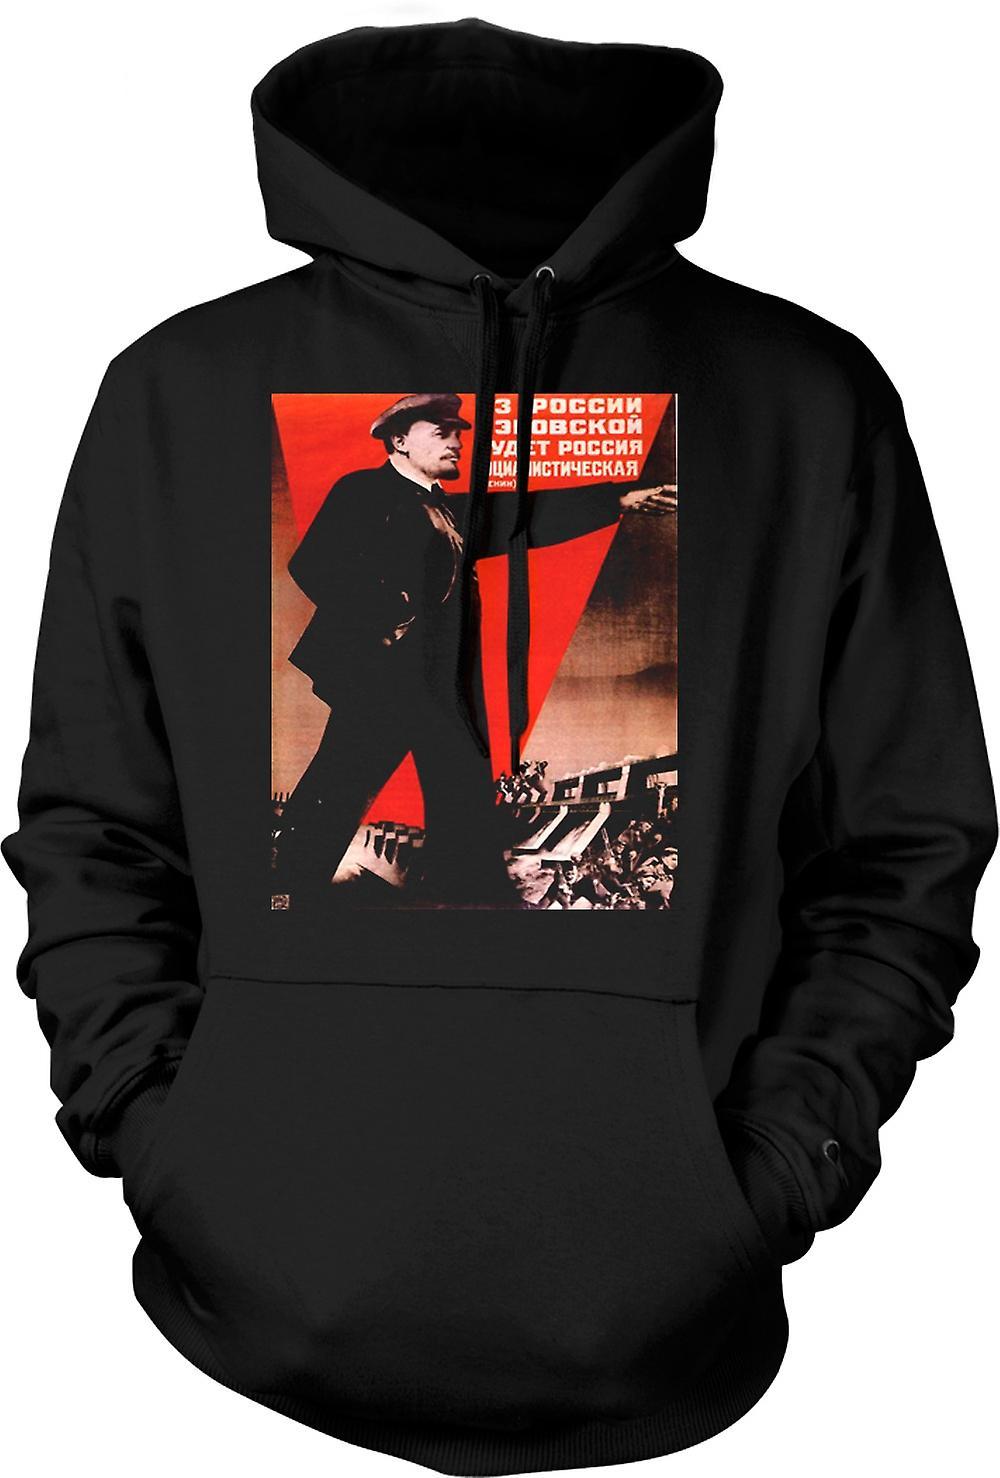 Mens Hoodie - Lenin Russian Propoganda Poster